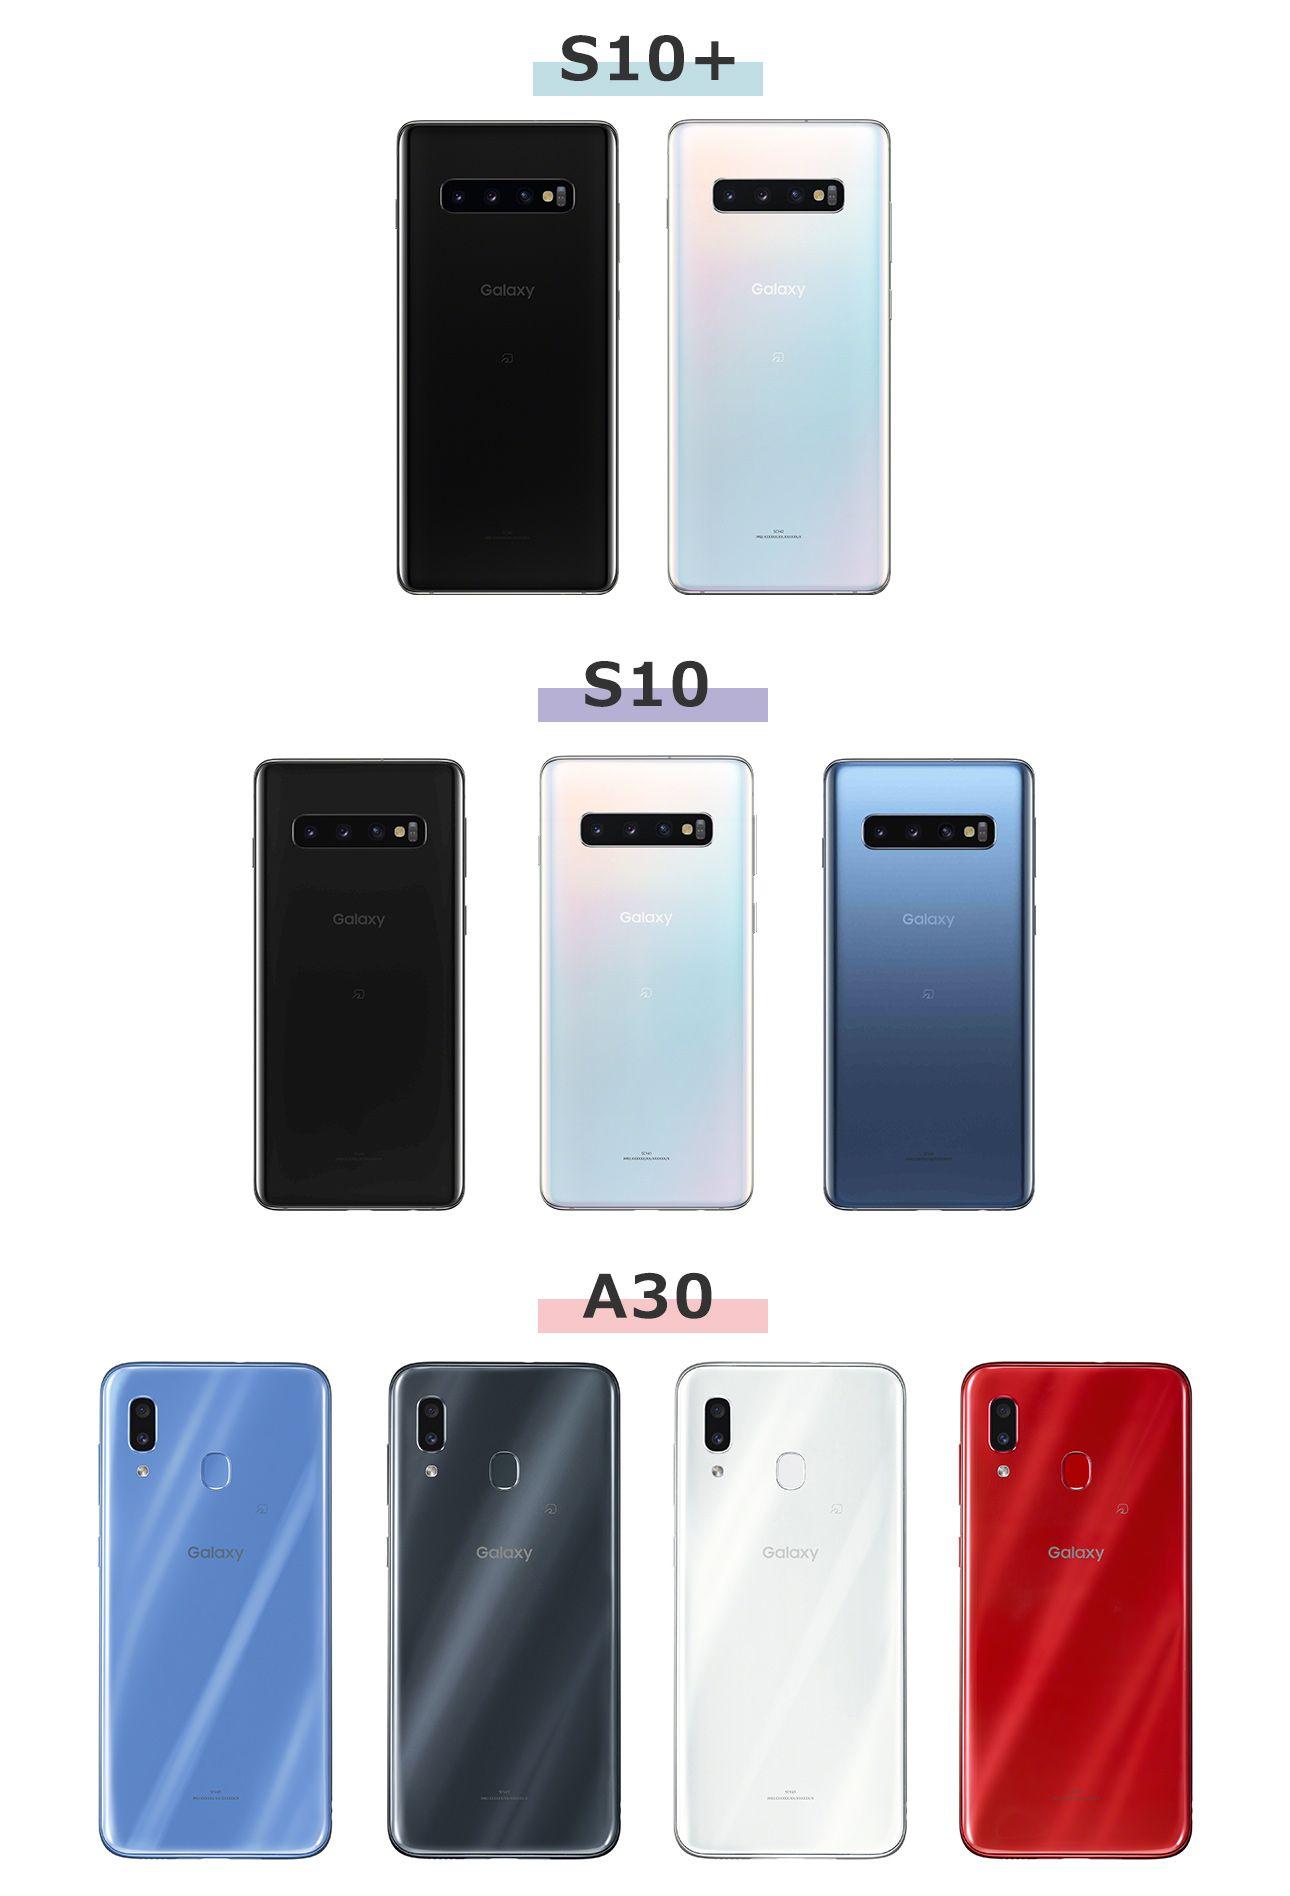 Galaxy S10+、S10、A30のカラーバリエーション